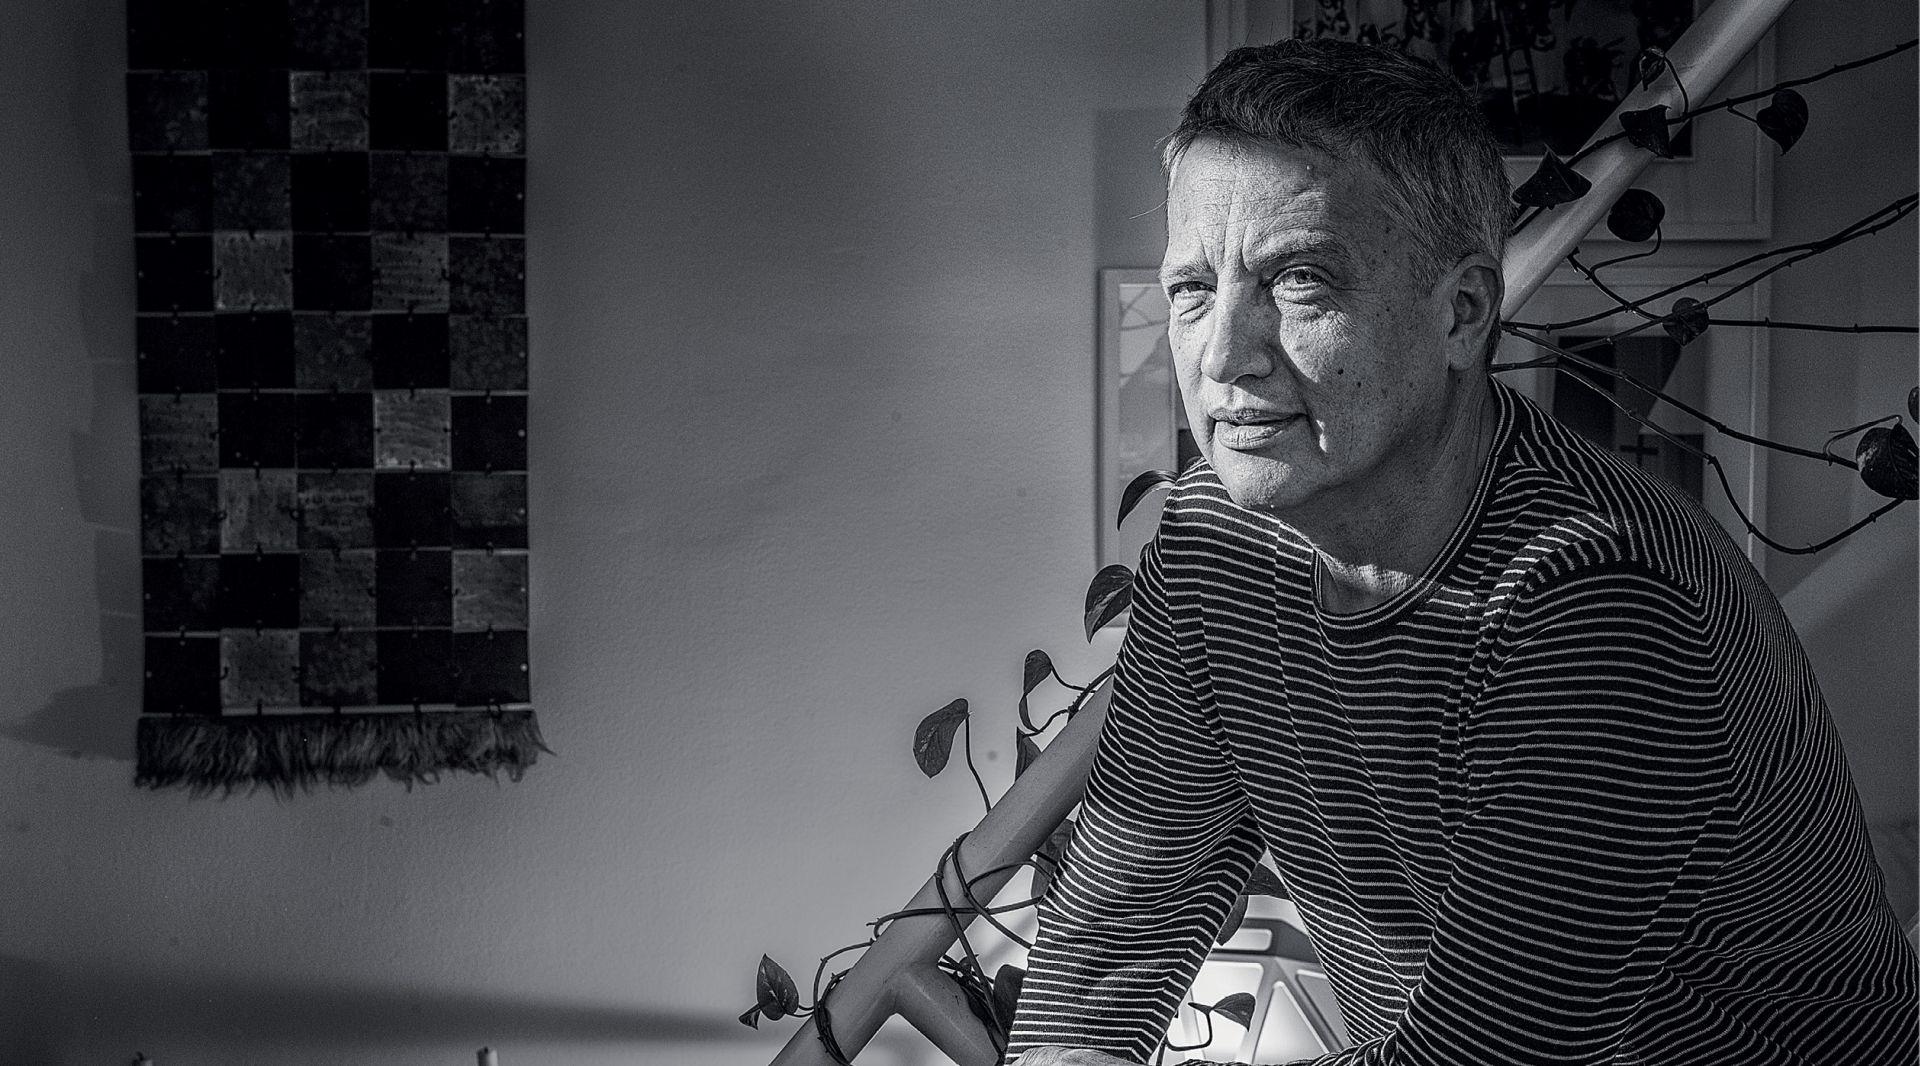 INTERVIEW: DEJAN KRŠIĆ 'Ne zanima me odjevni stil, već licemjerna politika Predsjednice'